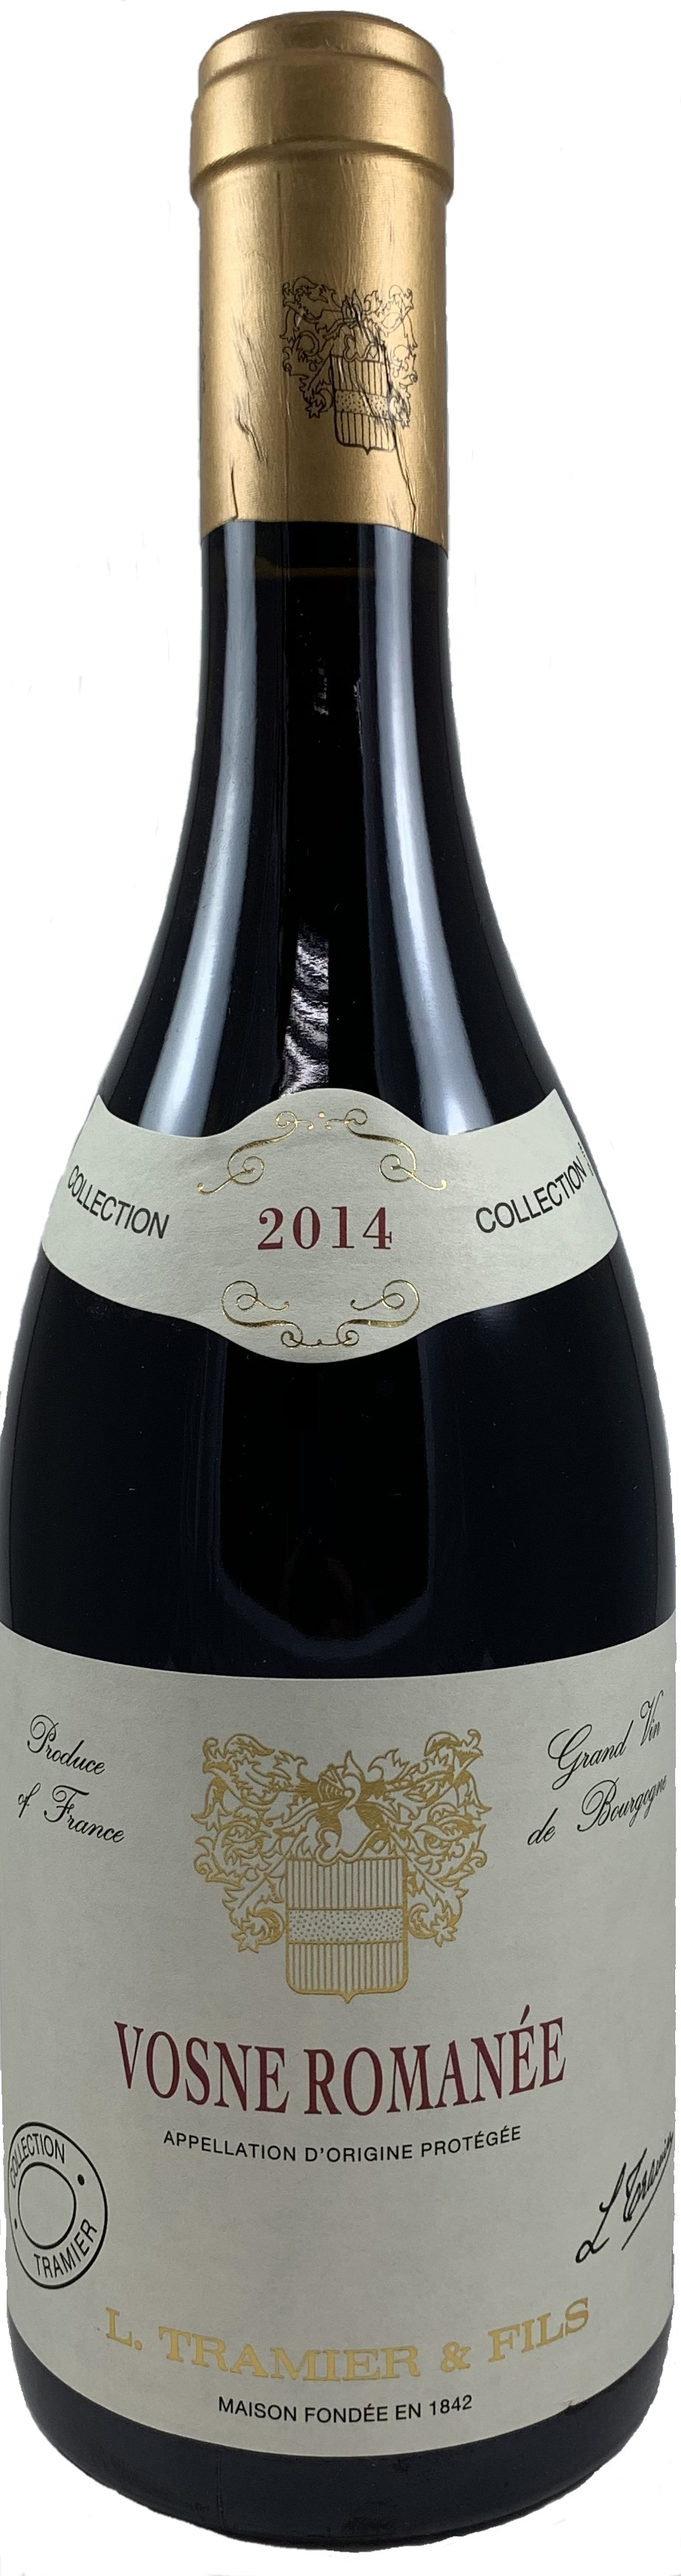 法國 鉈尼酒莊 勃艮地 侯馬內 2014 紅葡萄酒